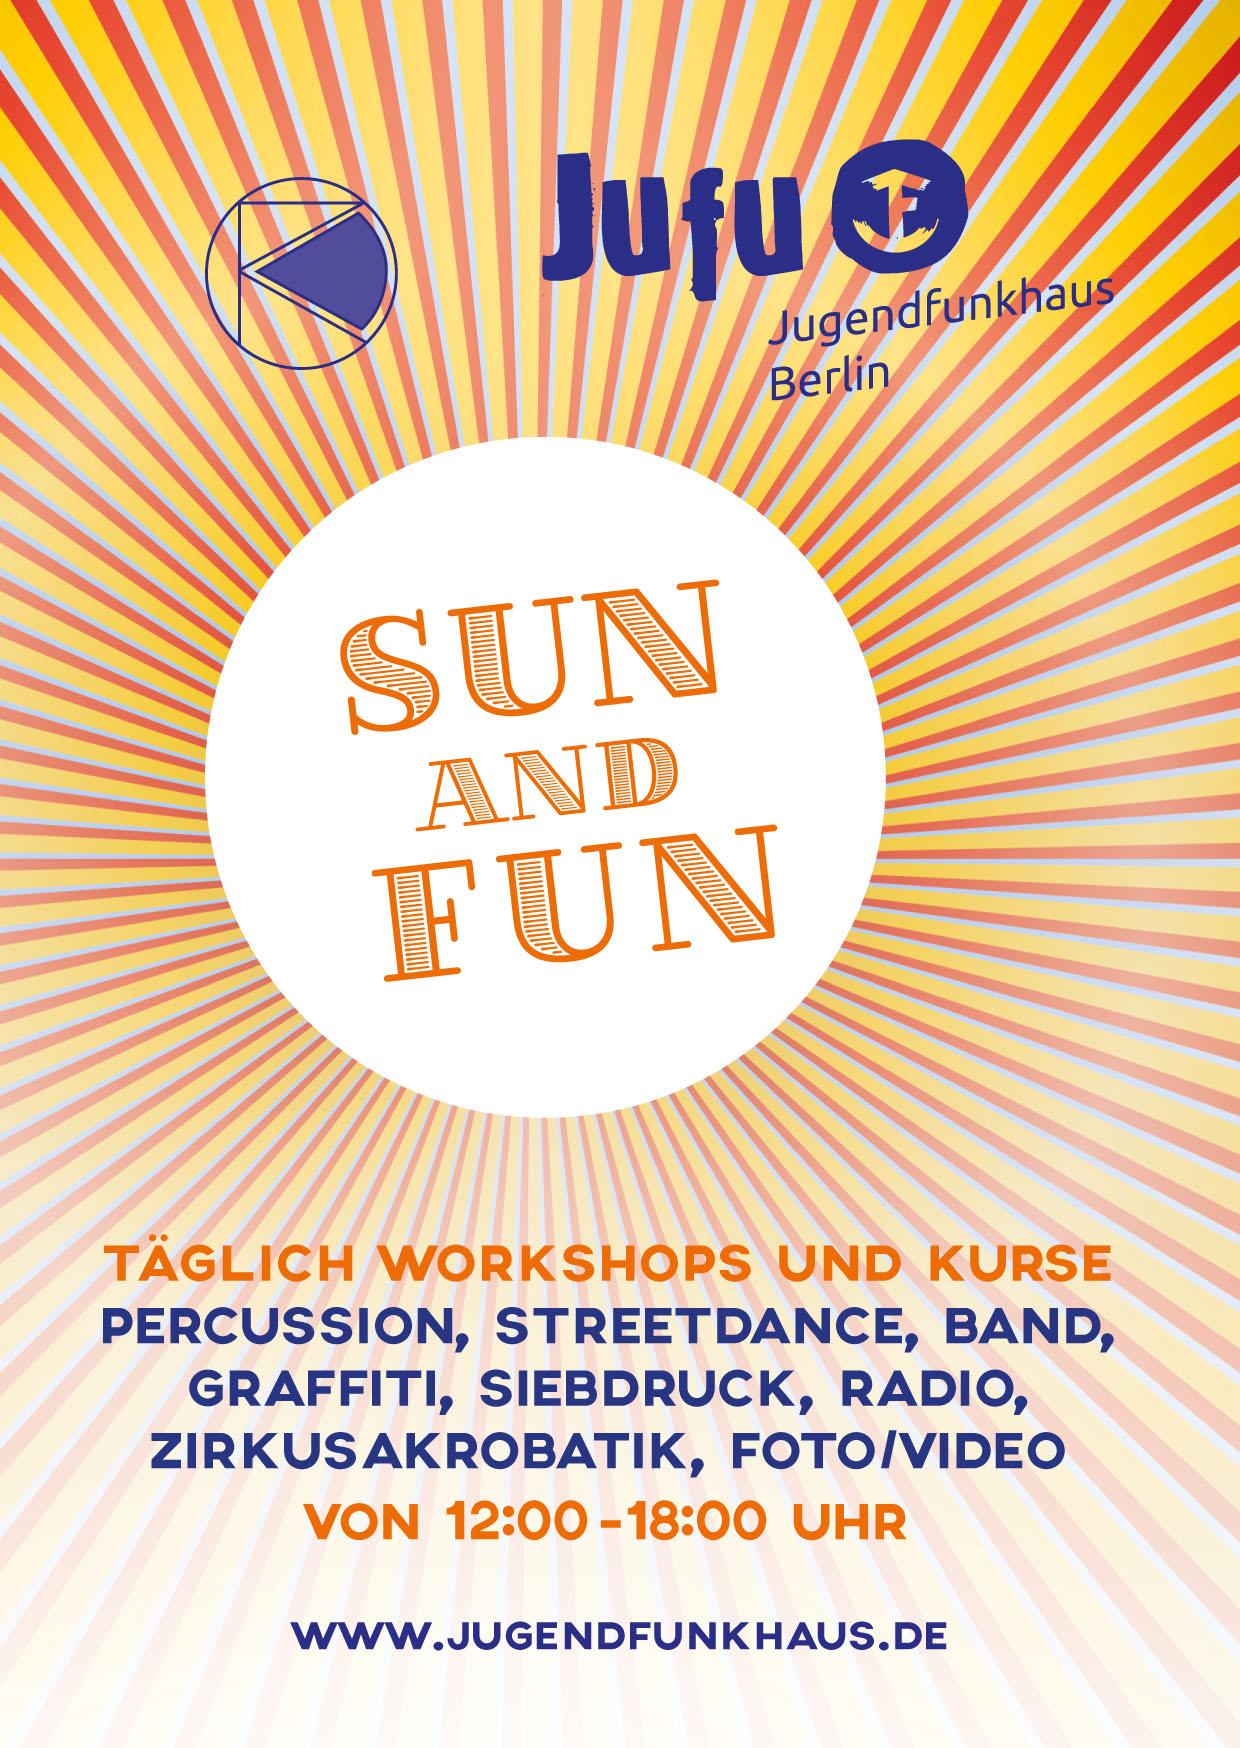 jufu-sun und fun_h